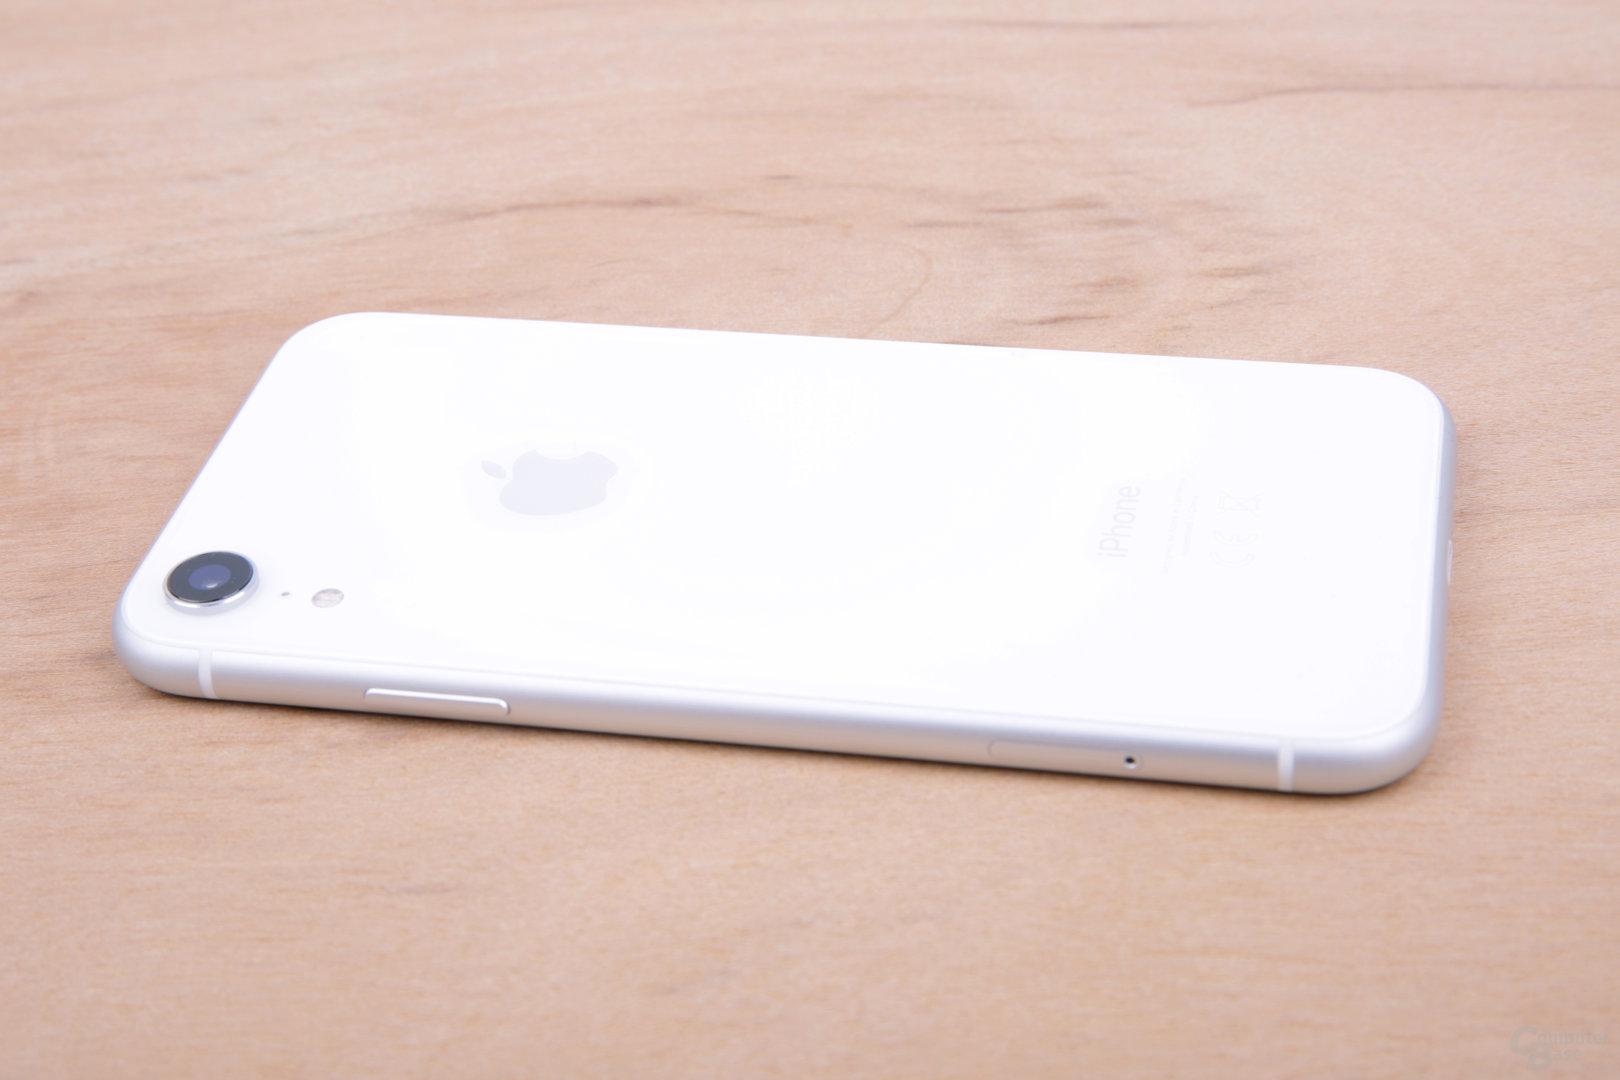 iPhone Xr in der Seitenansicht mit mattem Rahmen